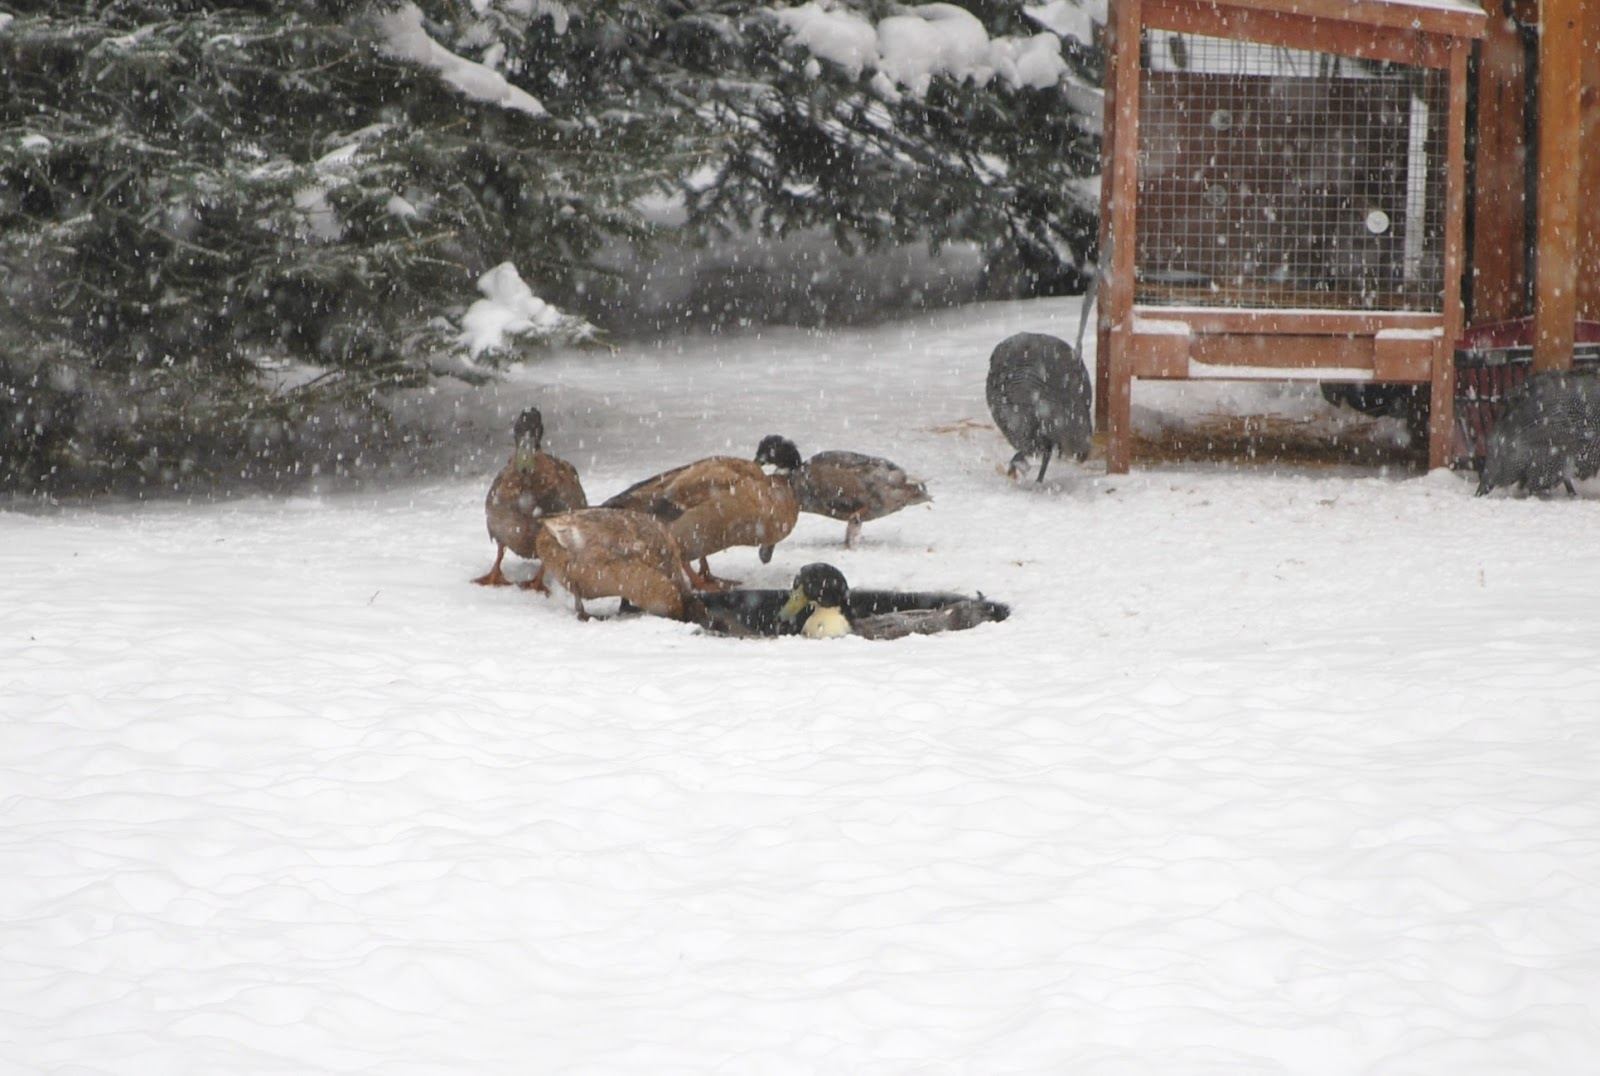 December 2010 Murano Chicken Farm